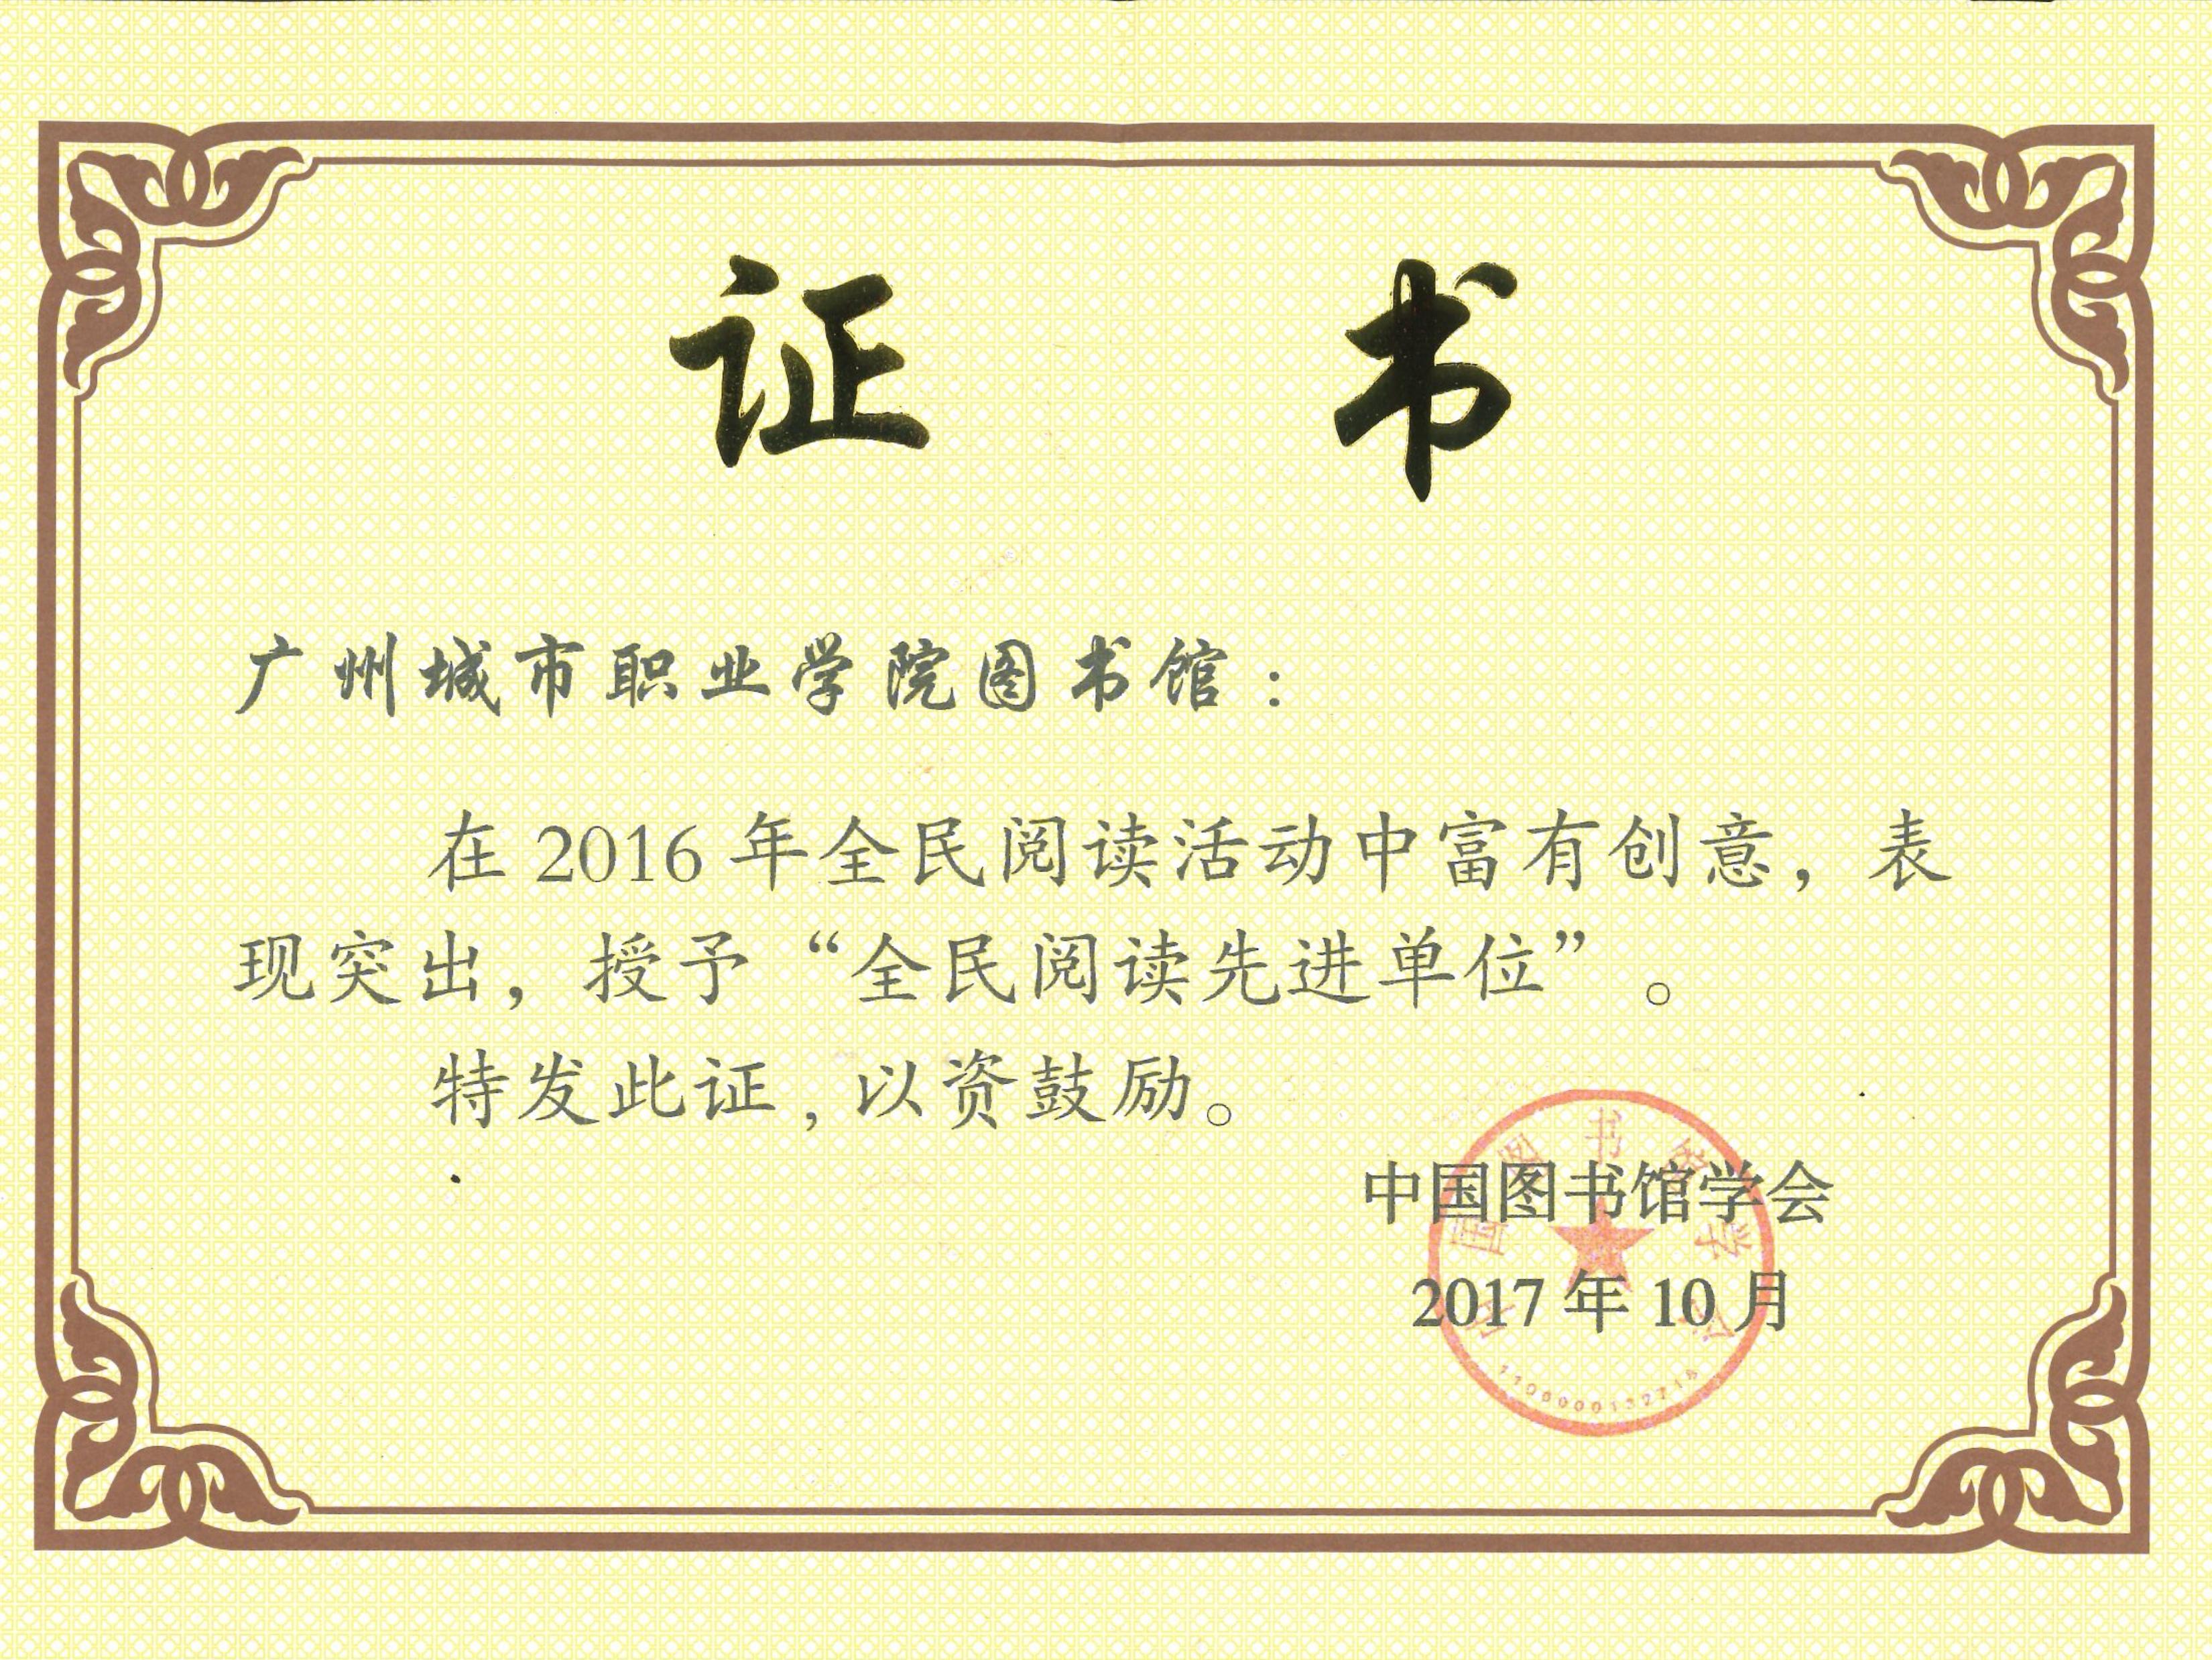 中国图书馆学会奖2.jpg